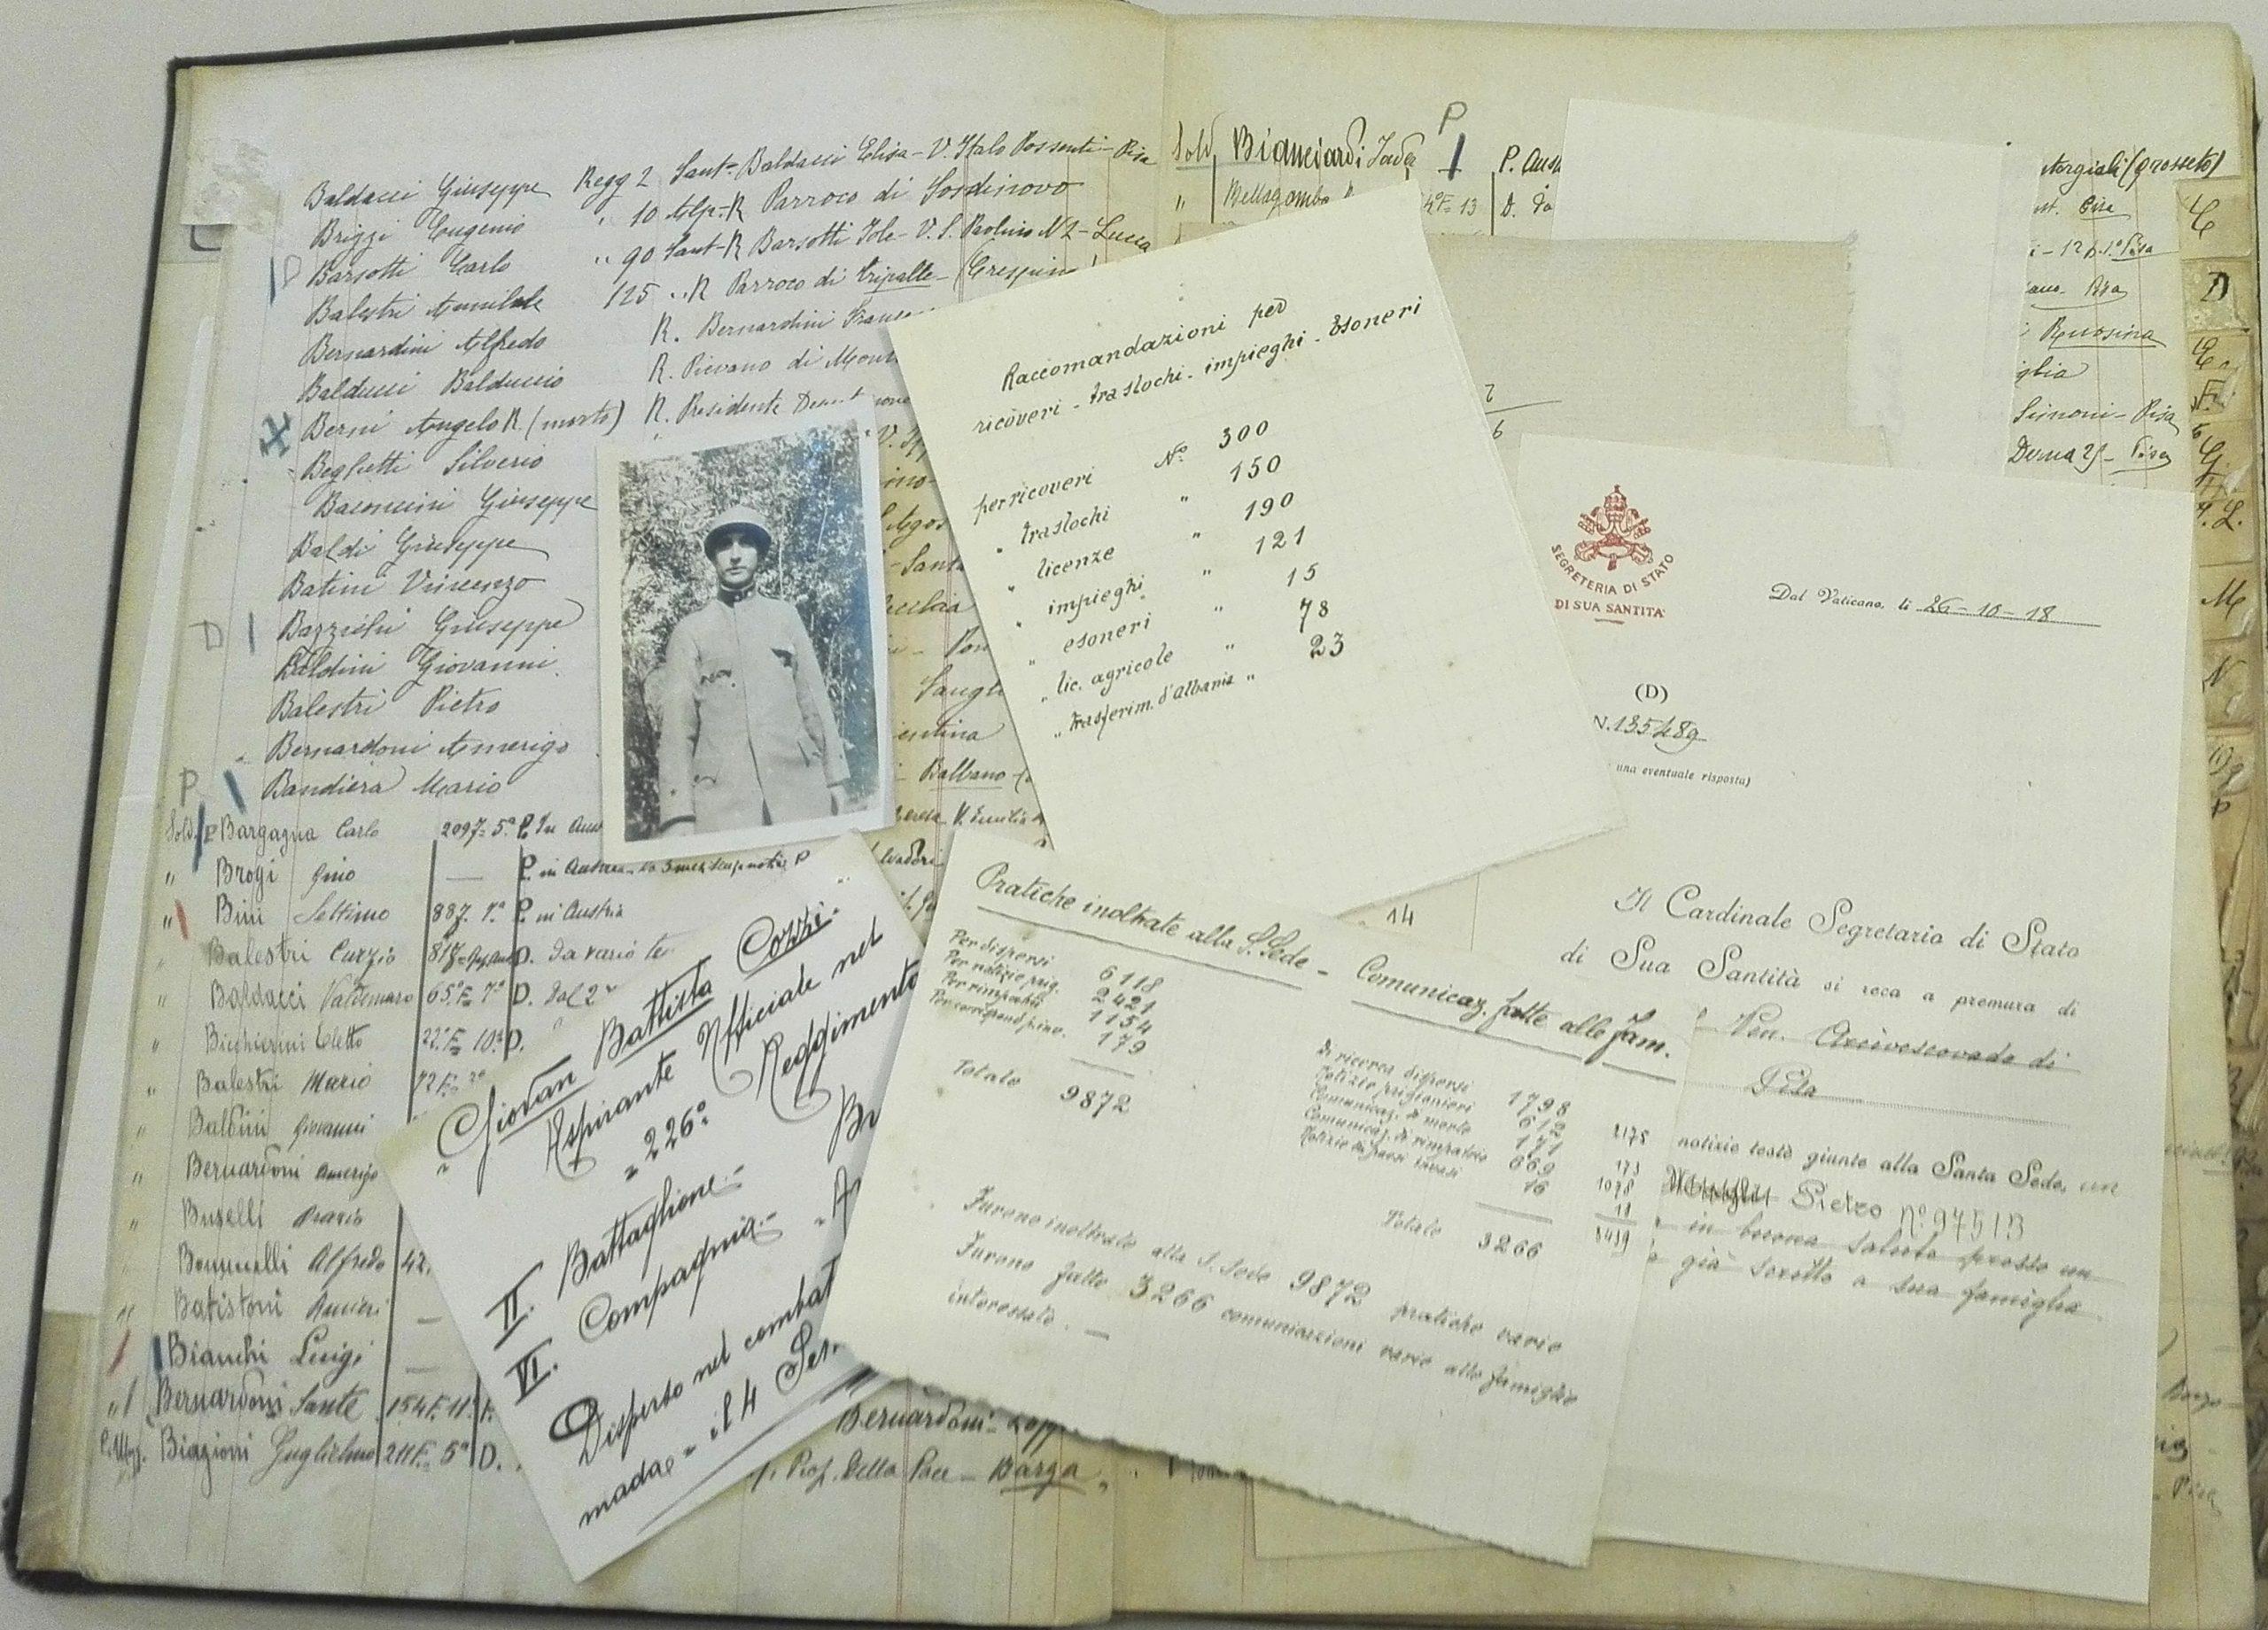 Cartina Storica Prima Guerra Mondiale.La Propaganda Al Tempo Della Prima Guerra Mondiale Beweb Percorsi Tematici